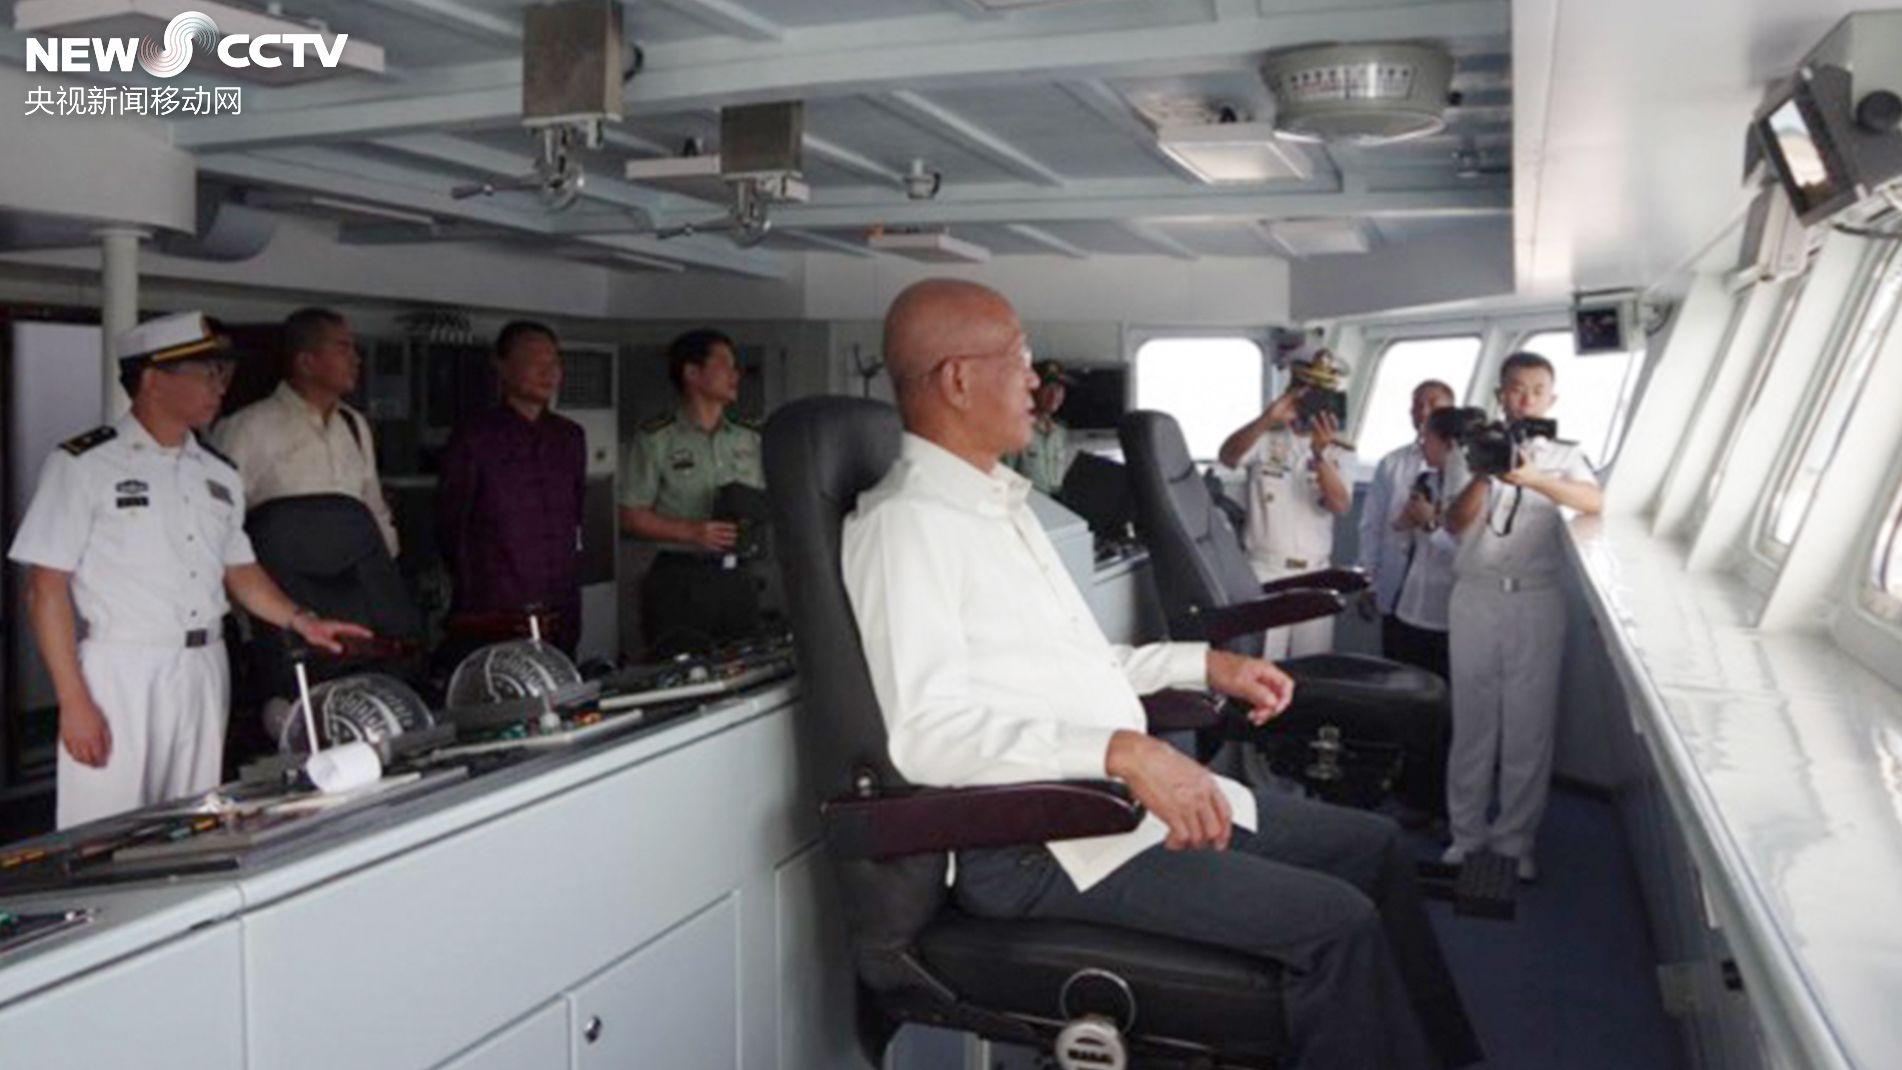 中国舰队访马尼拉 菲律宾国防部长登舰参观 详情介绍